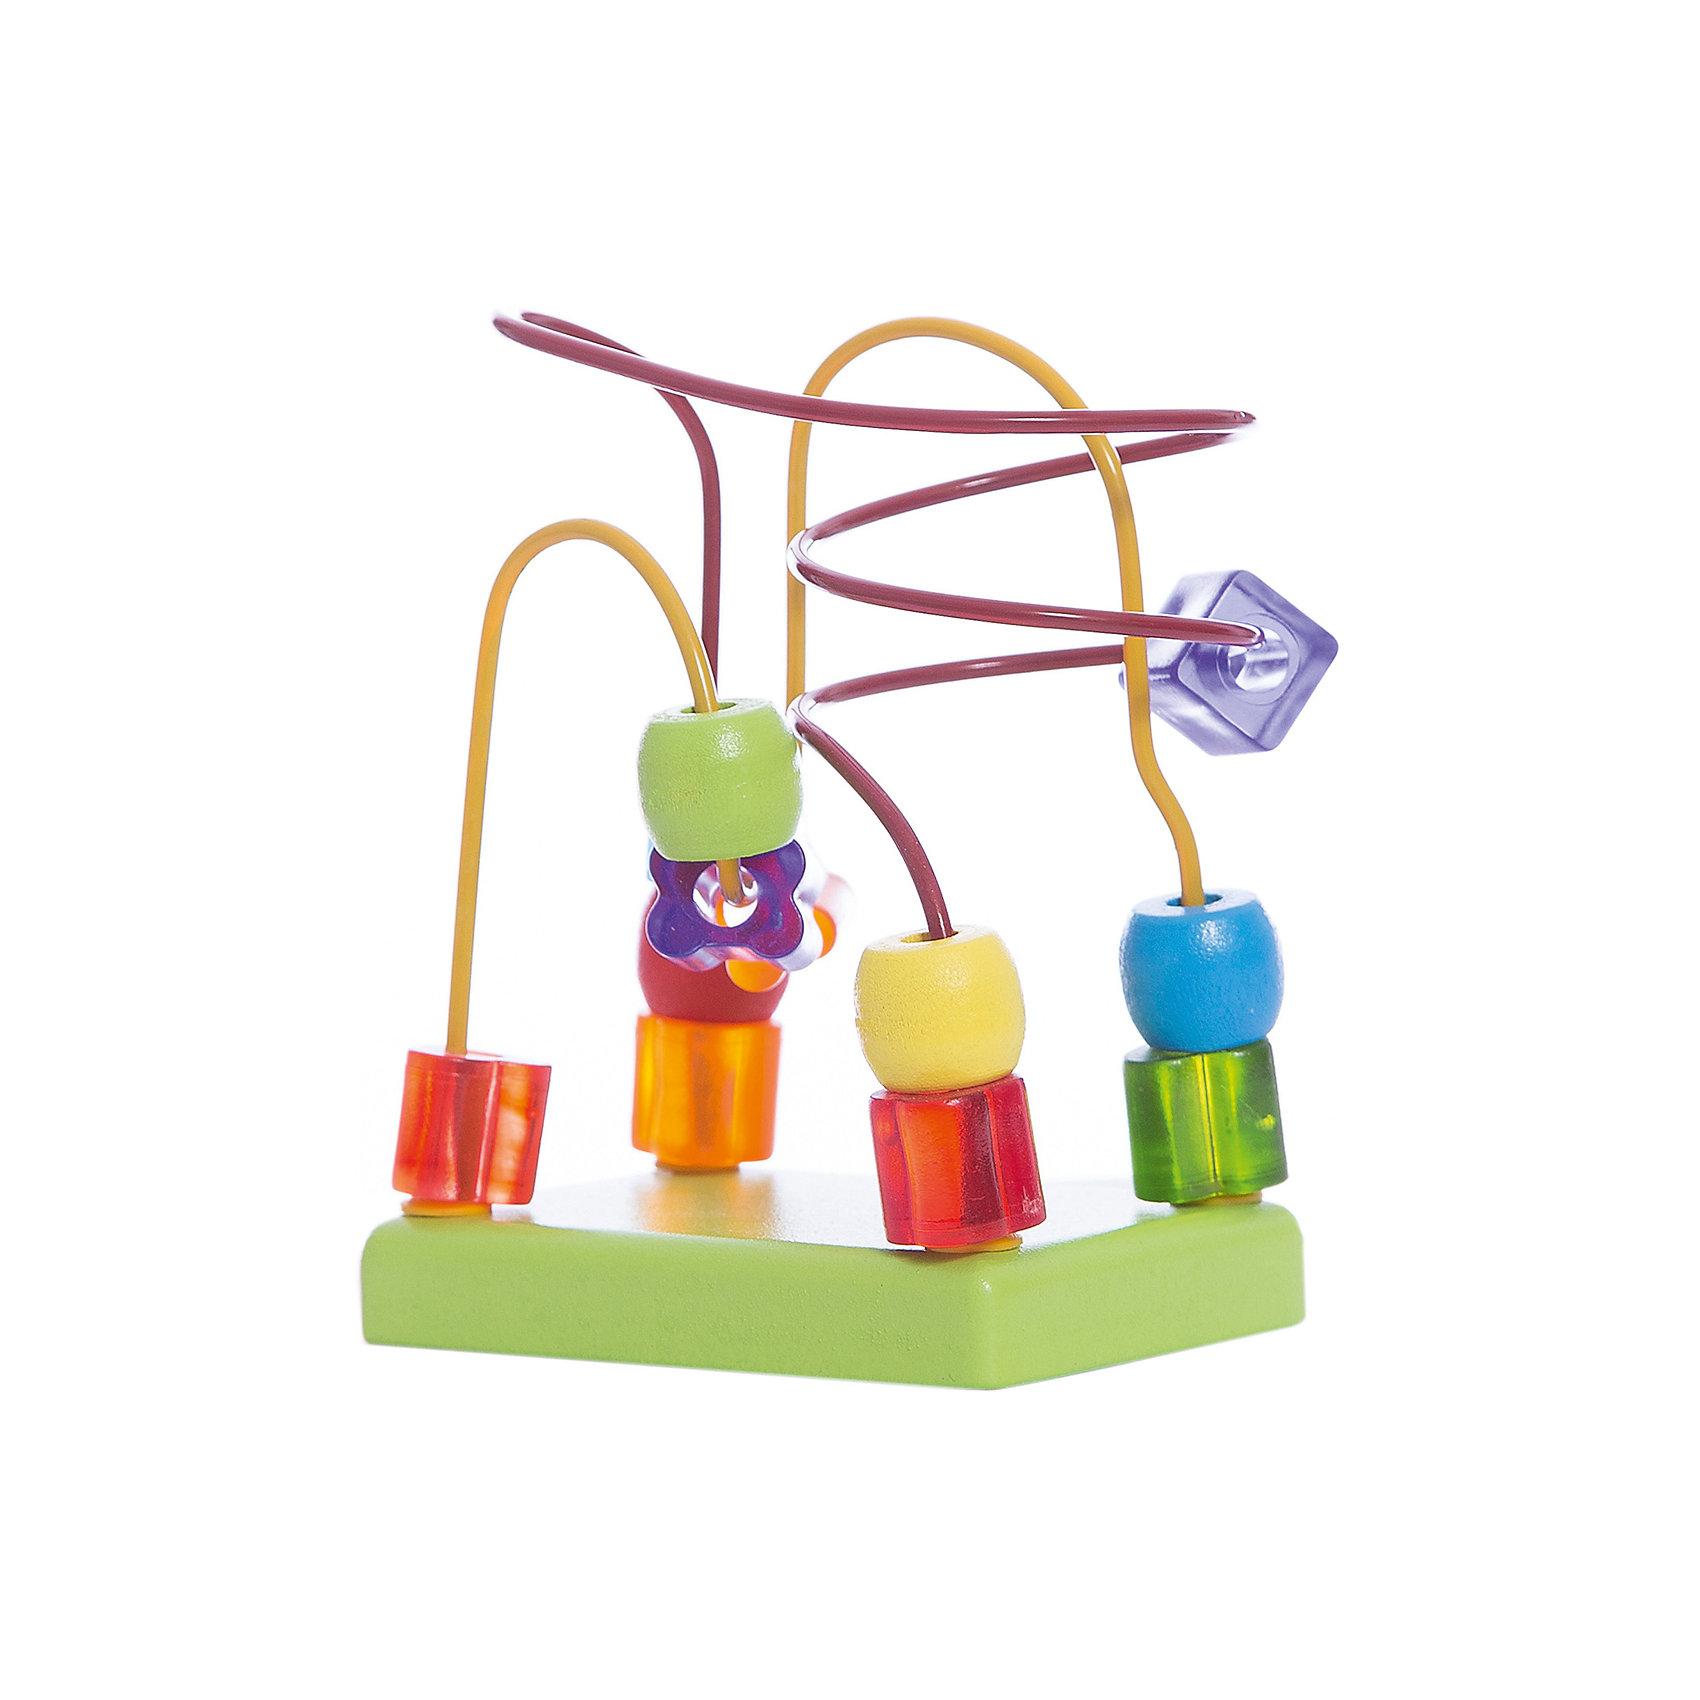 Лабиринт Салатовый, AlatoysЛабиринты<br>Лабиринты - полезные и интересные игрушки для малышей. Передвигая яркие разноцветные элементы по фигурным направляющим, ребенок развивает моторику рук, логическое мышление, внимание и цветовосприятие. Игрушка выполнена из высококачественных гипоаллергенных материалов, с использованием нетоксичных, безопасных красителей, не имеет острых углов и мелкий деталей.<br><br>Дополнительная информация:<br><br>- Материал: дерево, металл.<br>- Размер: 10х7х13 см.<br><br>Лабиринт Салатовый, Alatoys (Алатойс), можно купить в нашем магазине.<br><br>Ширина мм: 130<br>Глубина мм: 175<br>Высота мм: 45<br>Вес г: 465<br>Возраст от месяцев: 12<br>Возраст до месяцев: 48<br>Пол: Унисекс<br>Возраст: Детский<br>SKU: 4415356